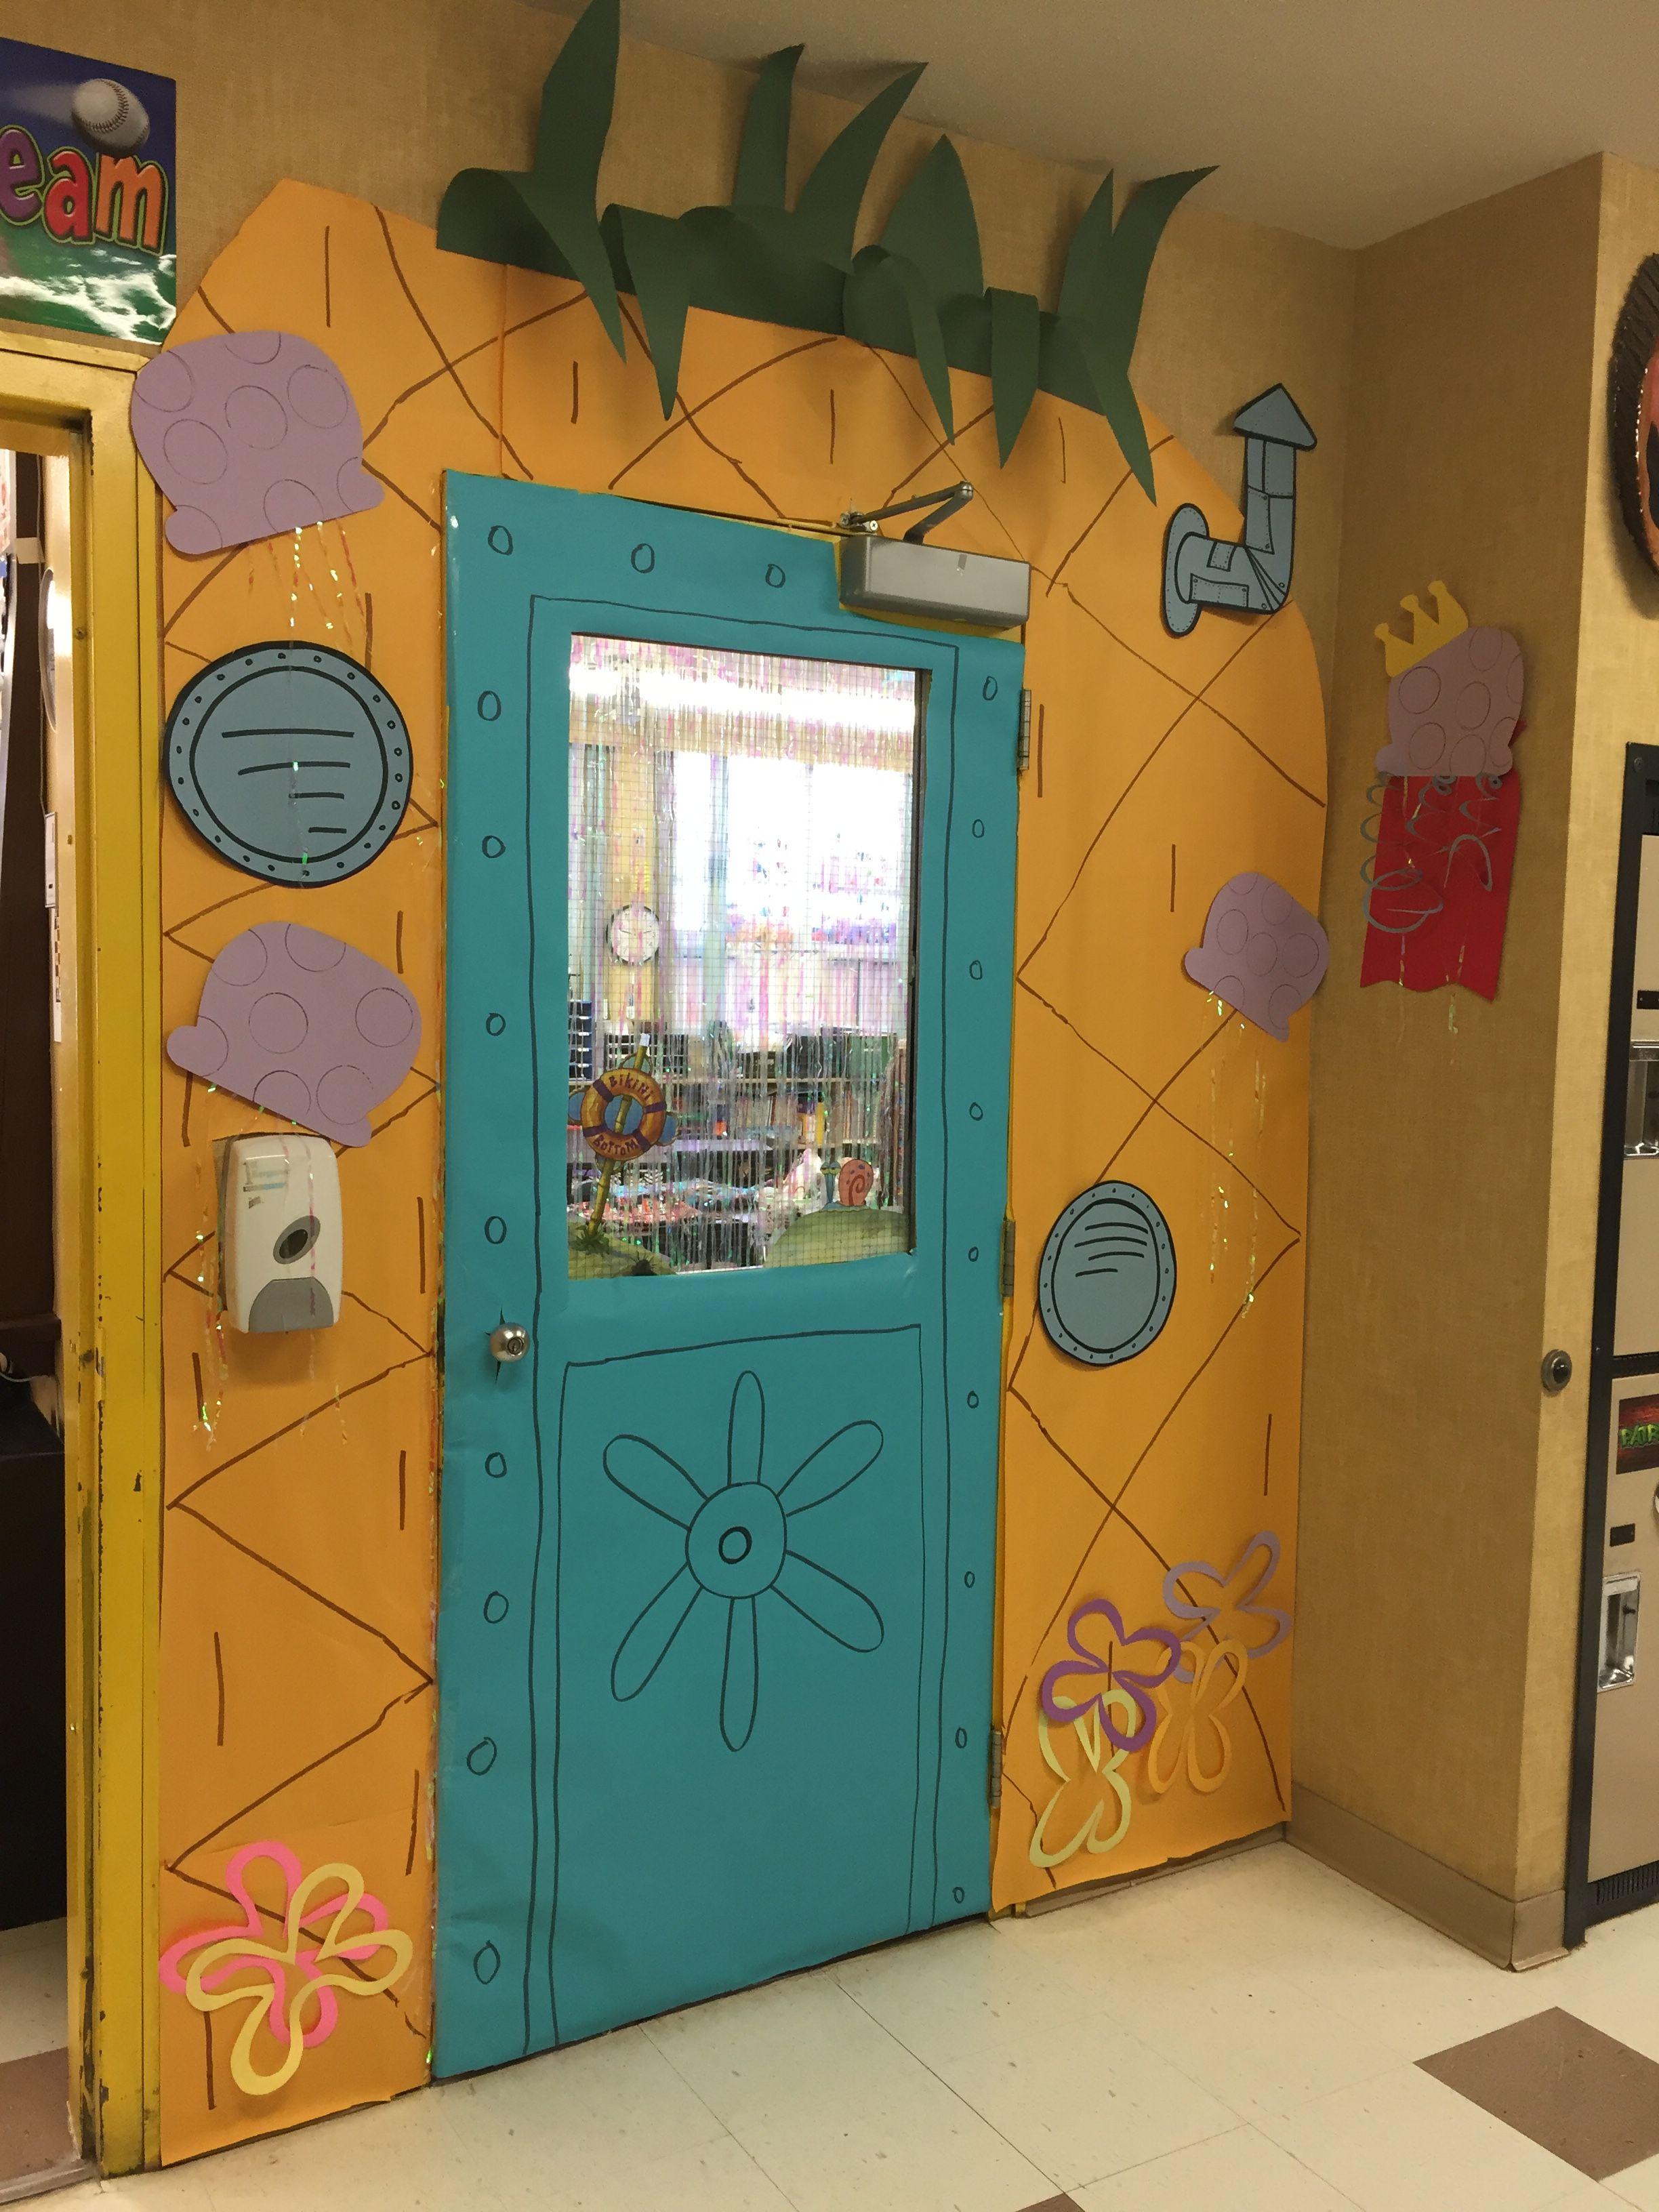 Spongebob Squarepants Pineapple Classroom Door   Class ...